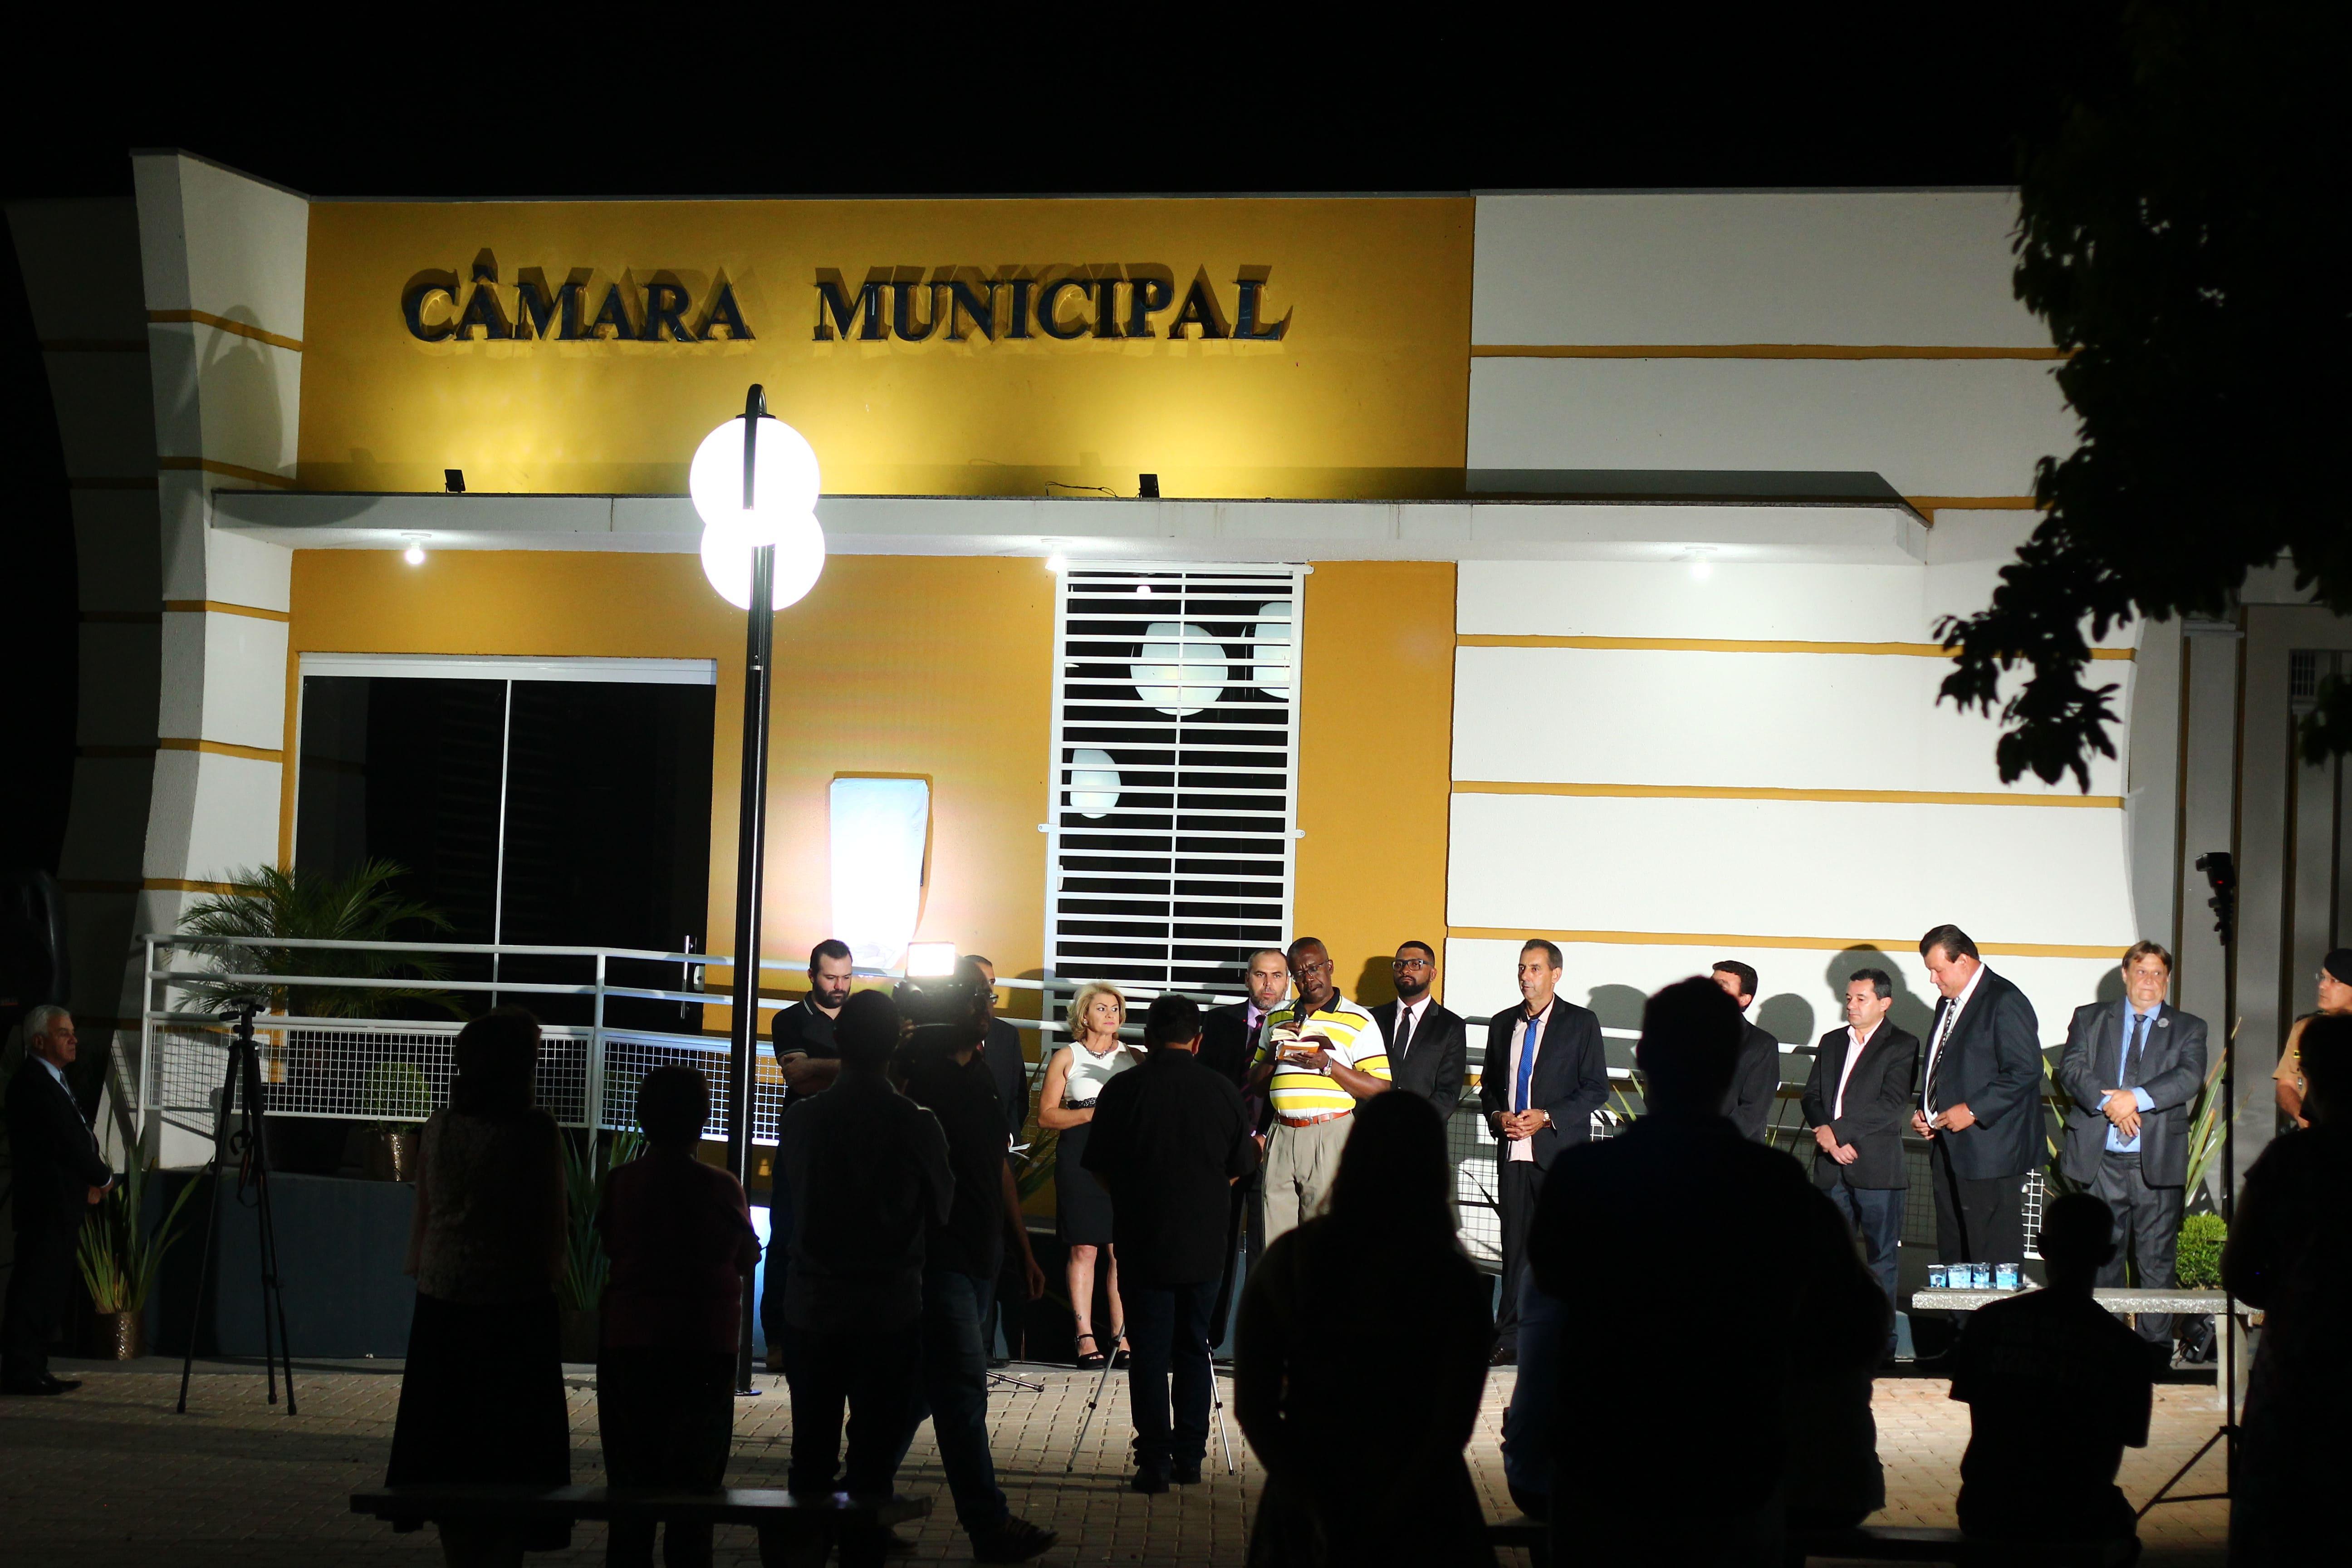 INAUGURAÇÃO DO NOVO PRÉDIO DA CÂMARA MUNICIPAL DE ITAMBÉ